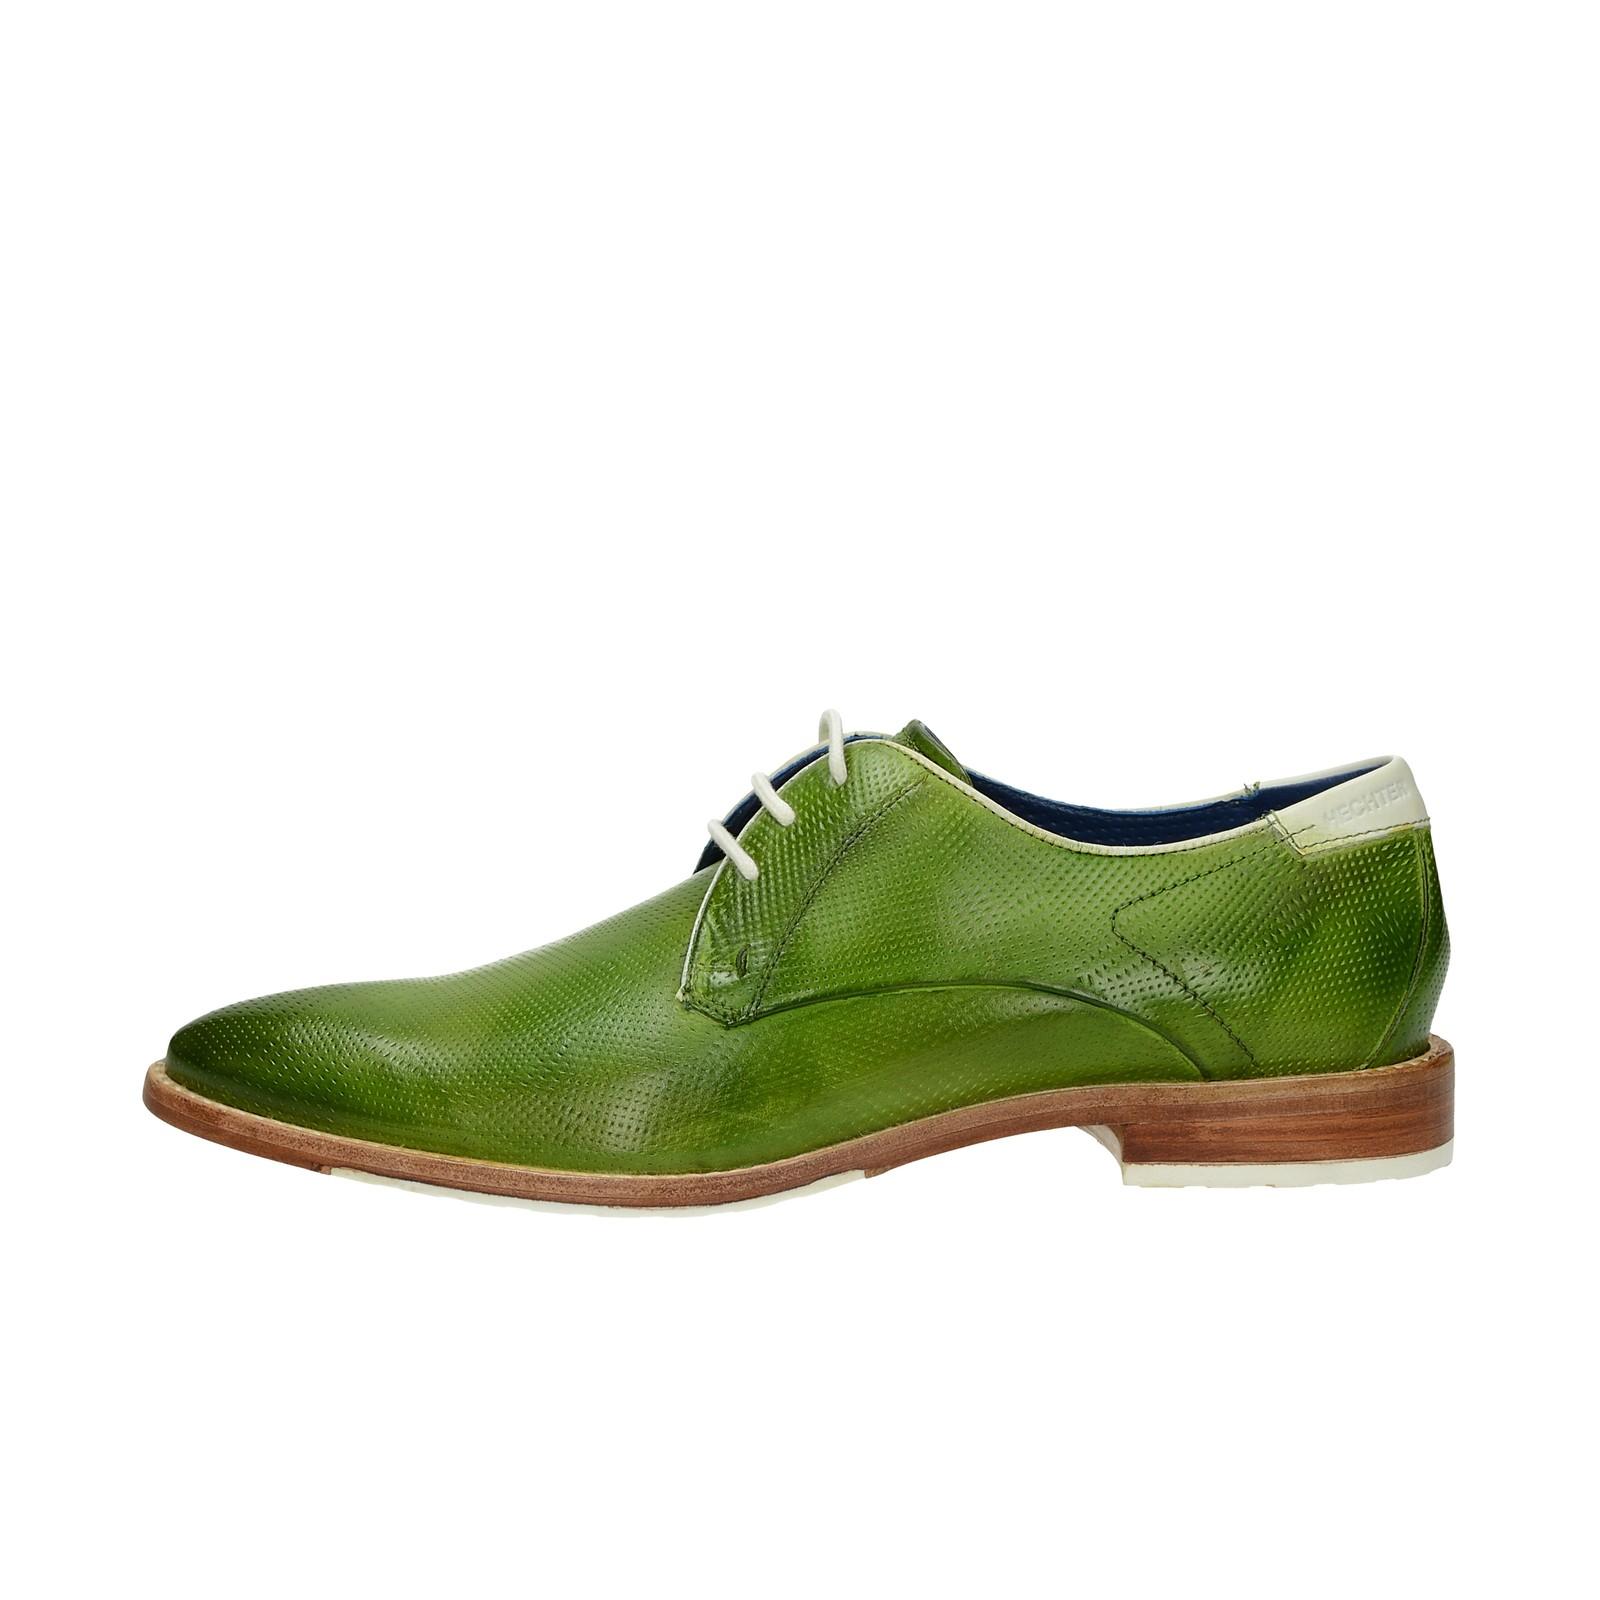 ... Daniel Hechter pánske kožené štýlové topánky - zelené ... 862da8e1b51